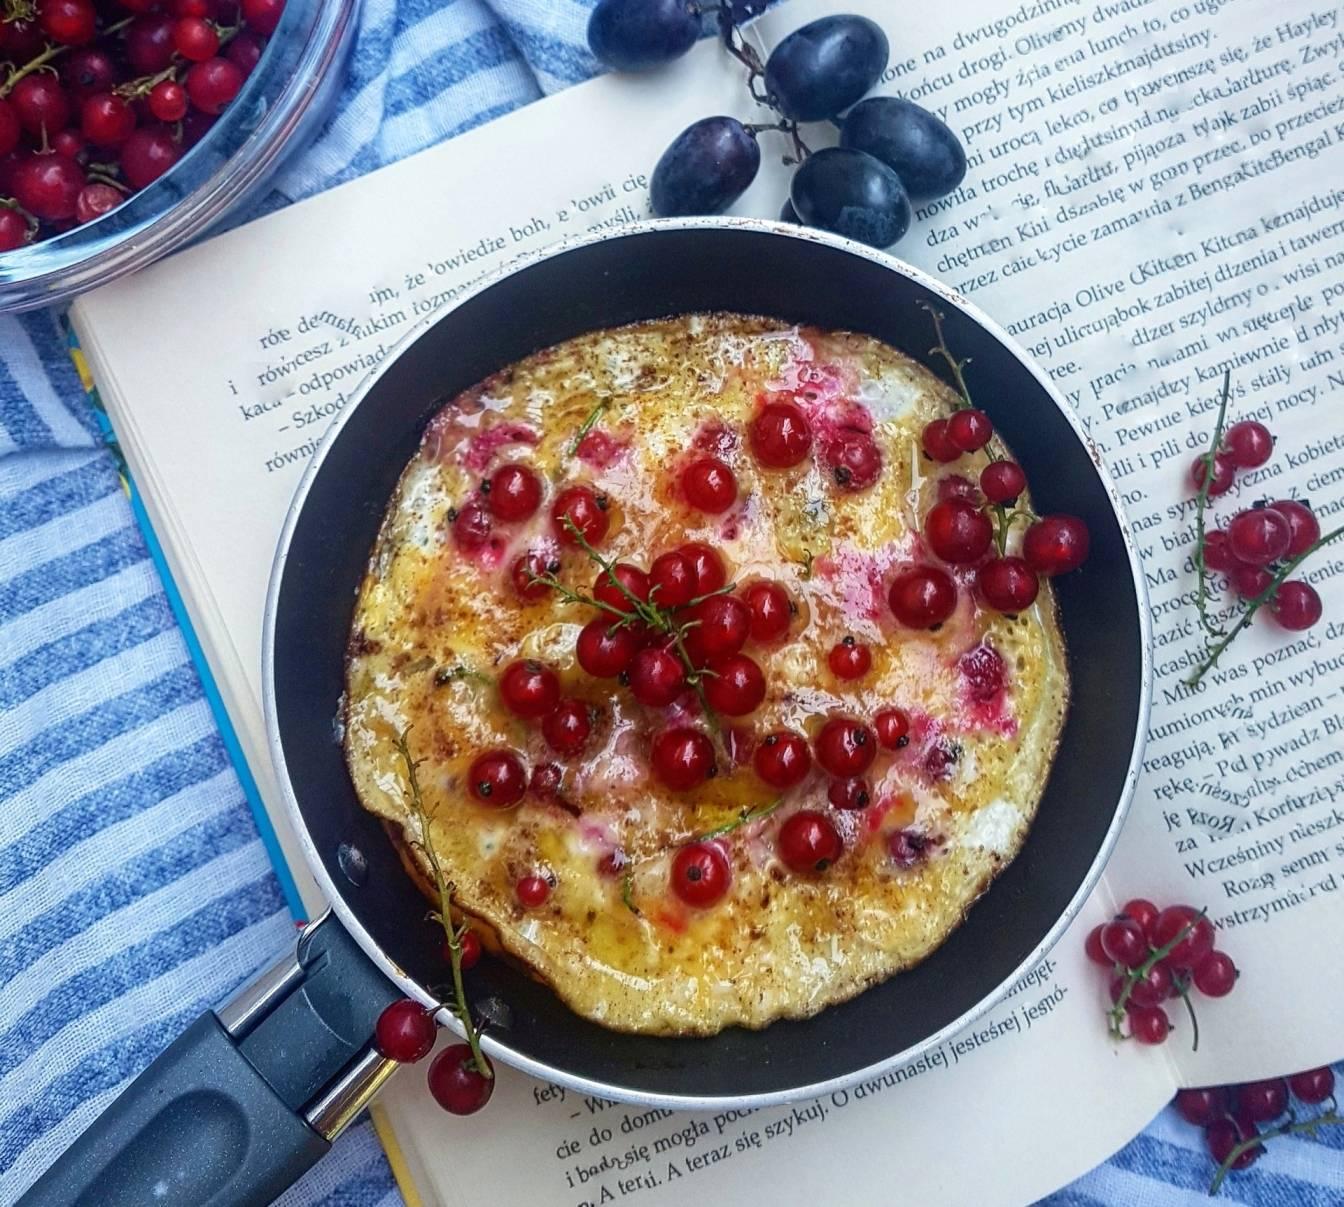 Omlet cynamonowy z porzeczkami - przepisy z czerwonymi porzeczkami.